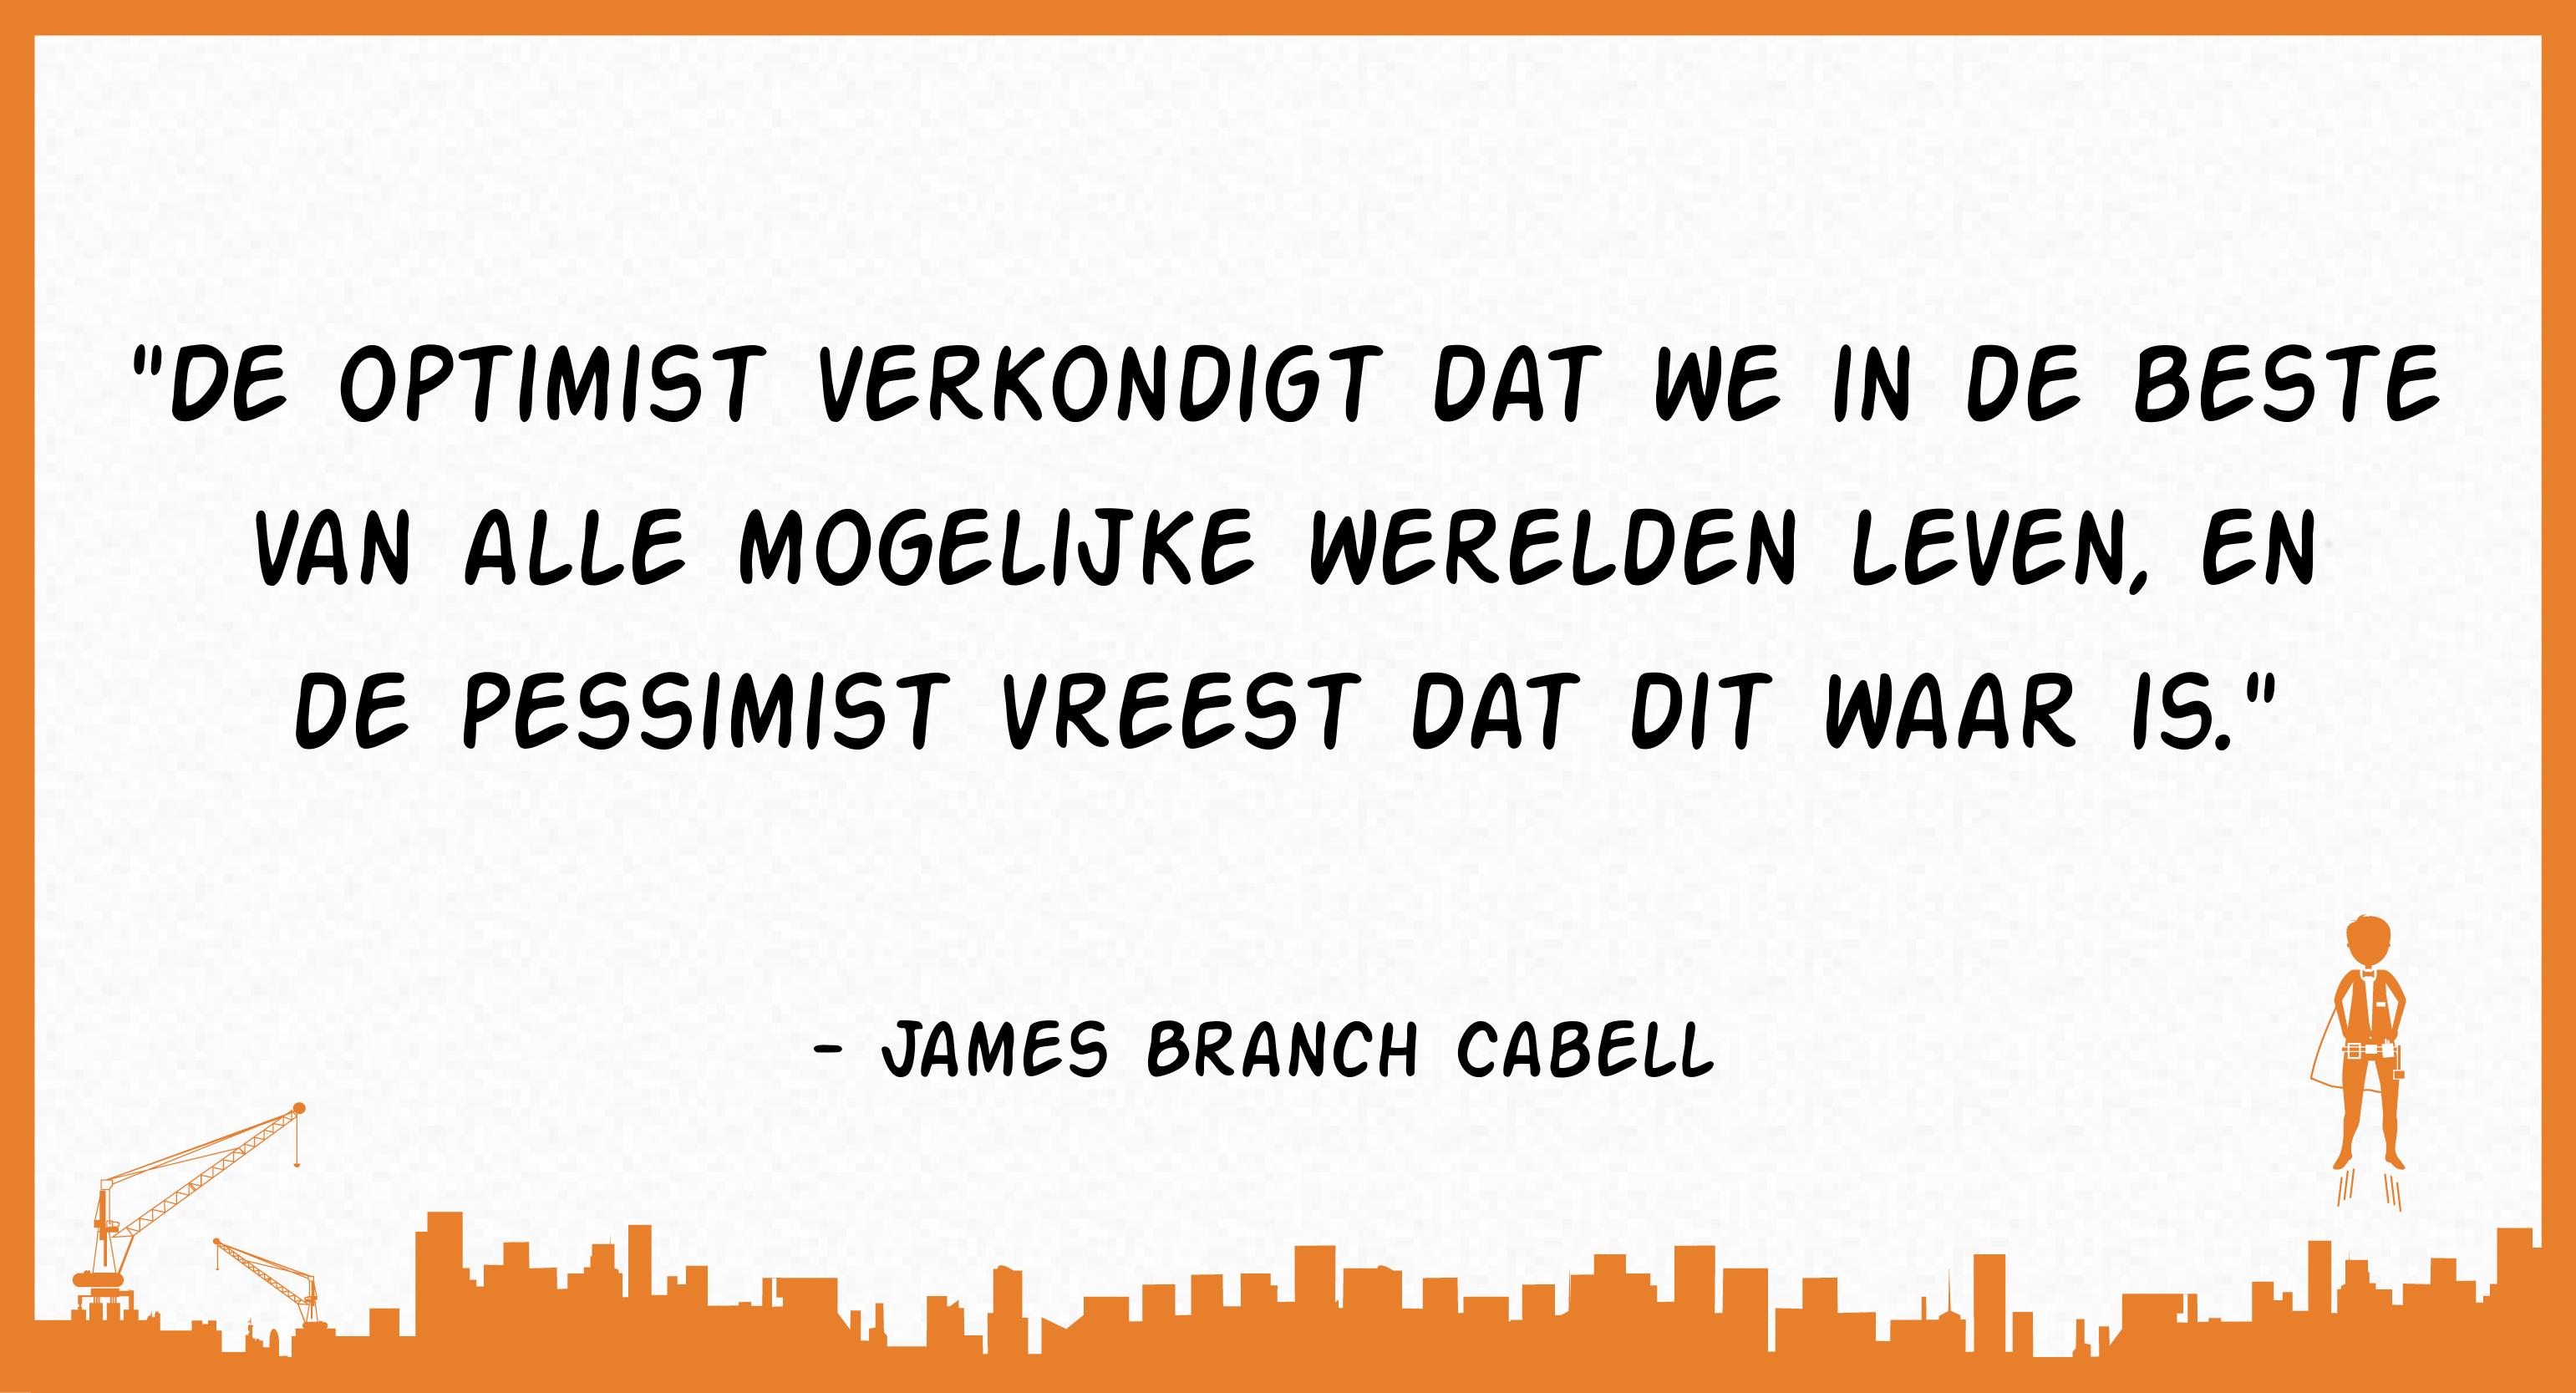 De optimist verkondigt dat we in de beste van alle mogelijke werelden leven, en de pessimist vreest dat dit waar is. (James Branch Cabell)